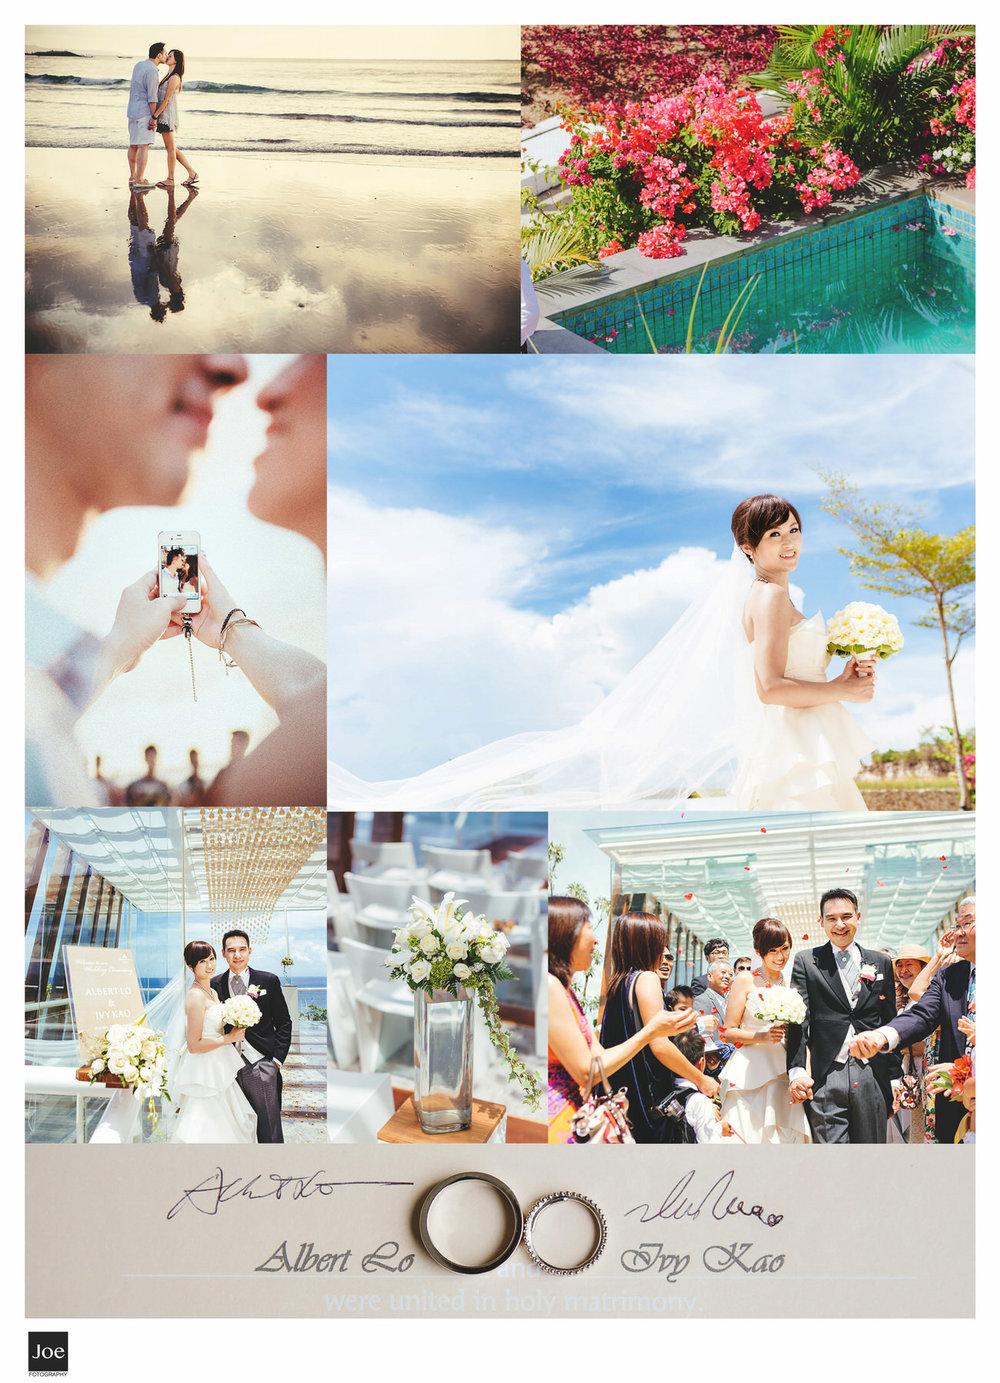 峇里島婚禮婚攝喬JOE FOTOGRAPHY